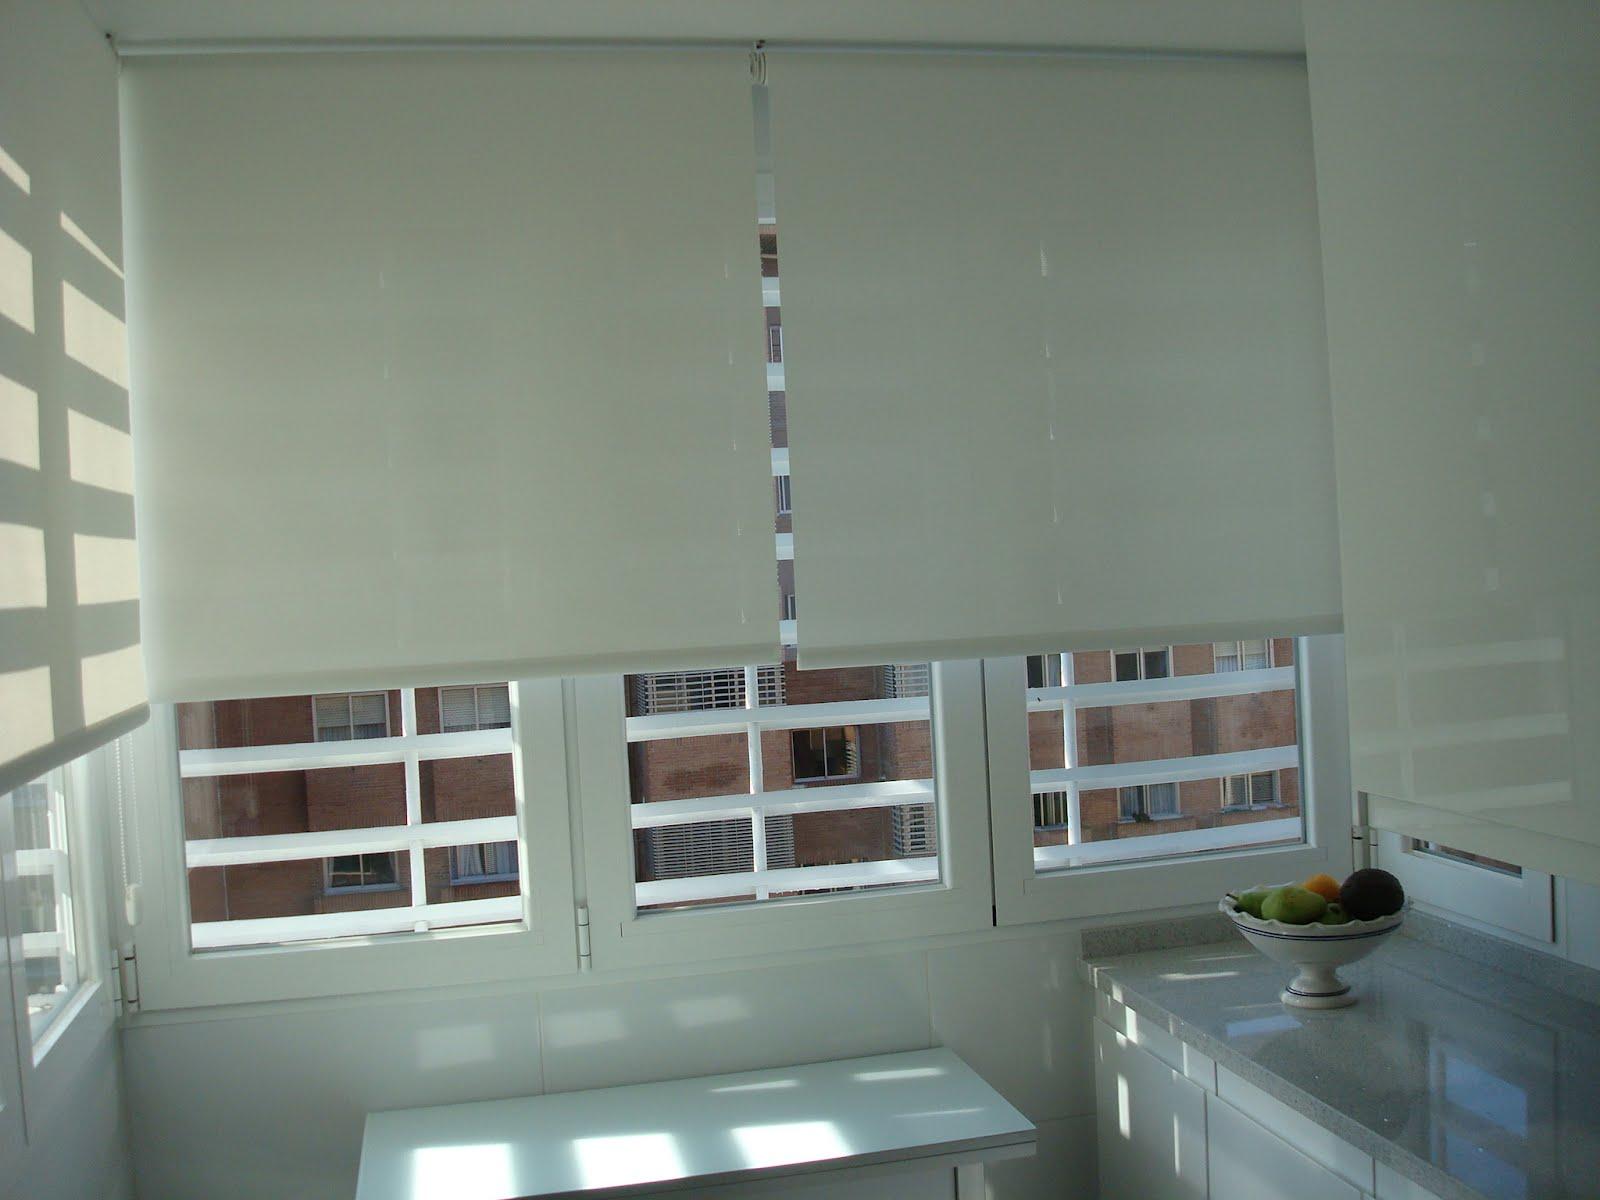 Edyta dise o decoraci n blog de decoraci n estores - Colocar estores enrollables ...